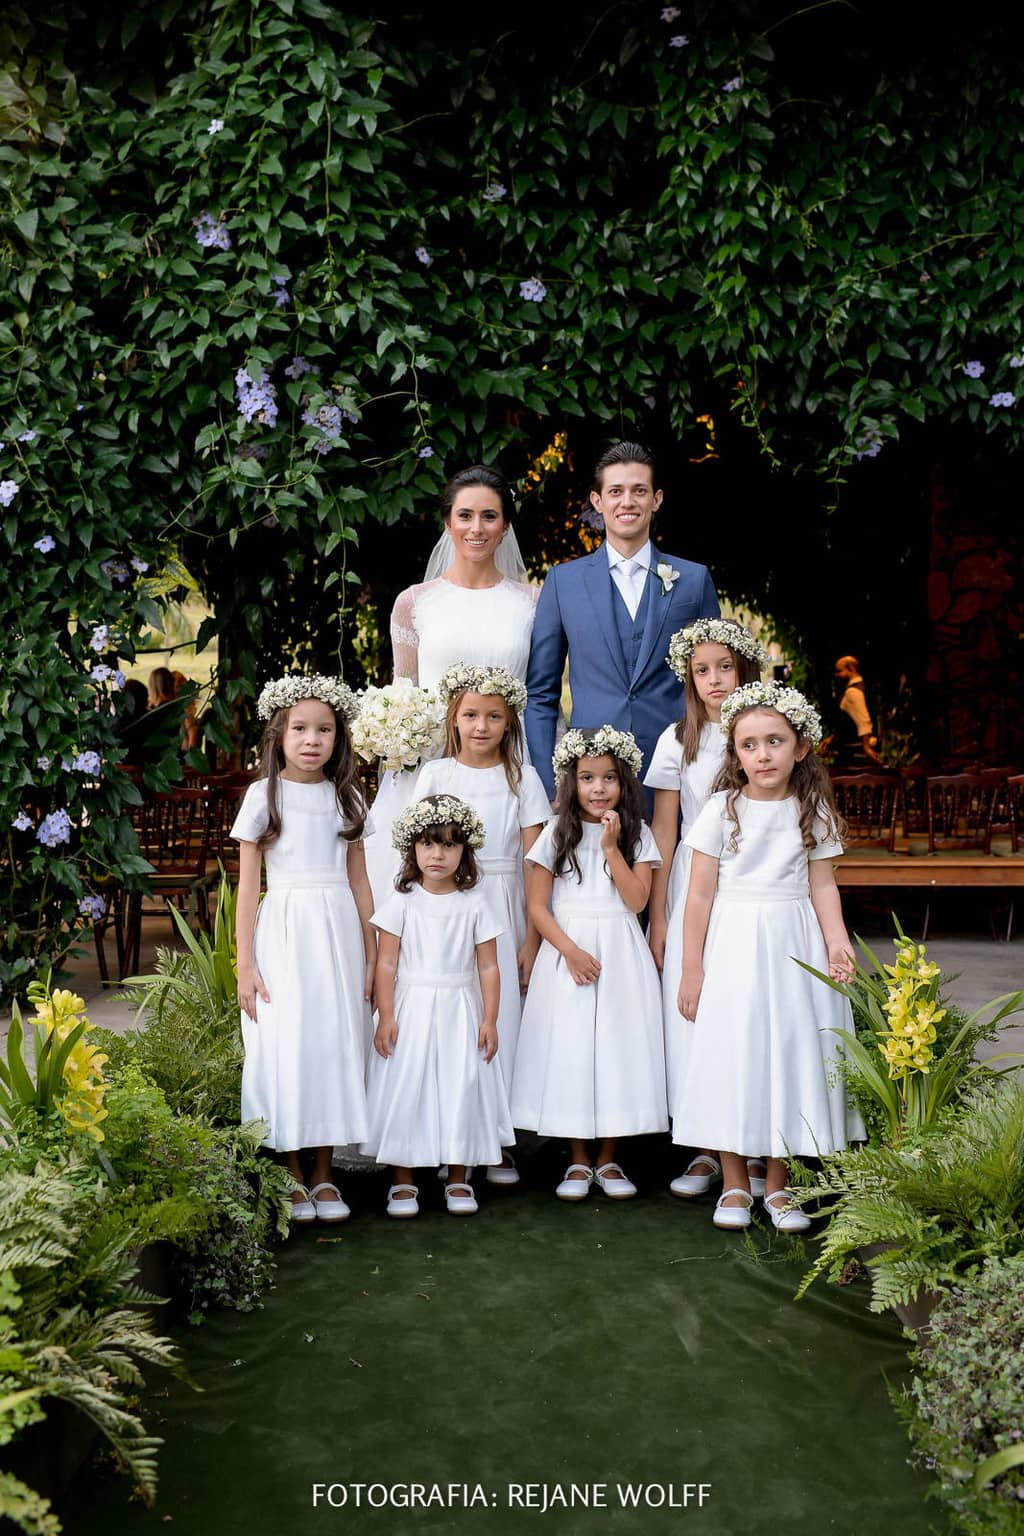 Casamento-Verane-e-Bruno-fotografia-Rejane-Wolff-hora-do-buque-Rej-Terras-de-Clara9